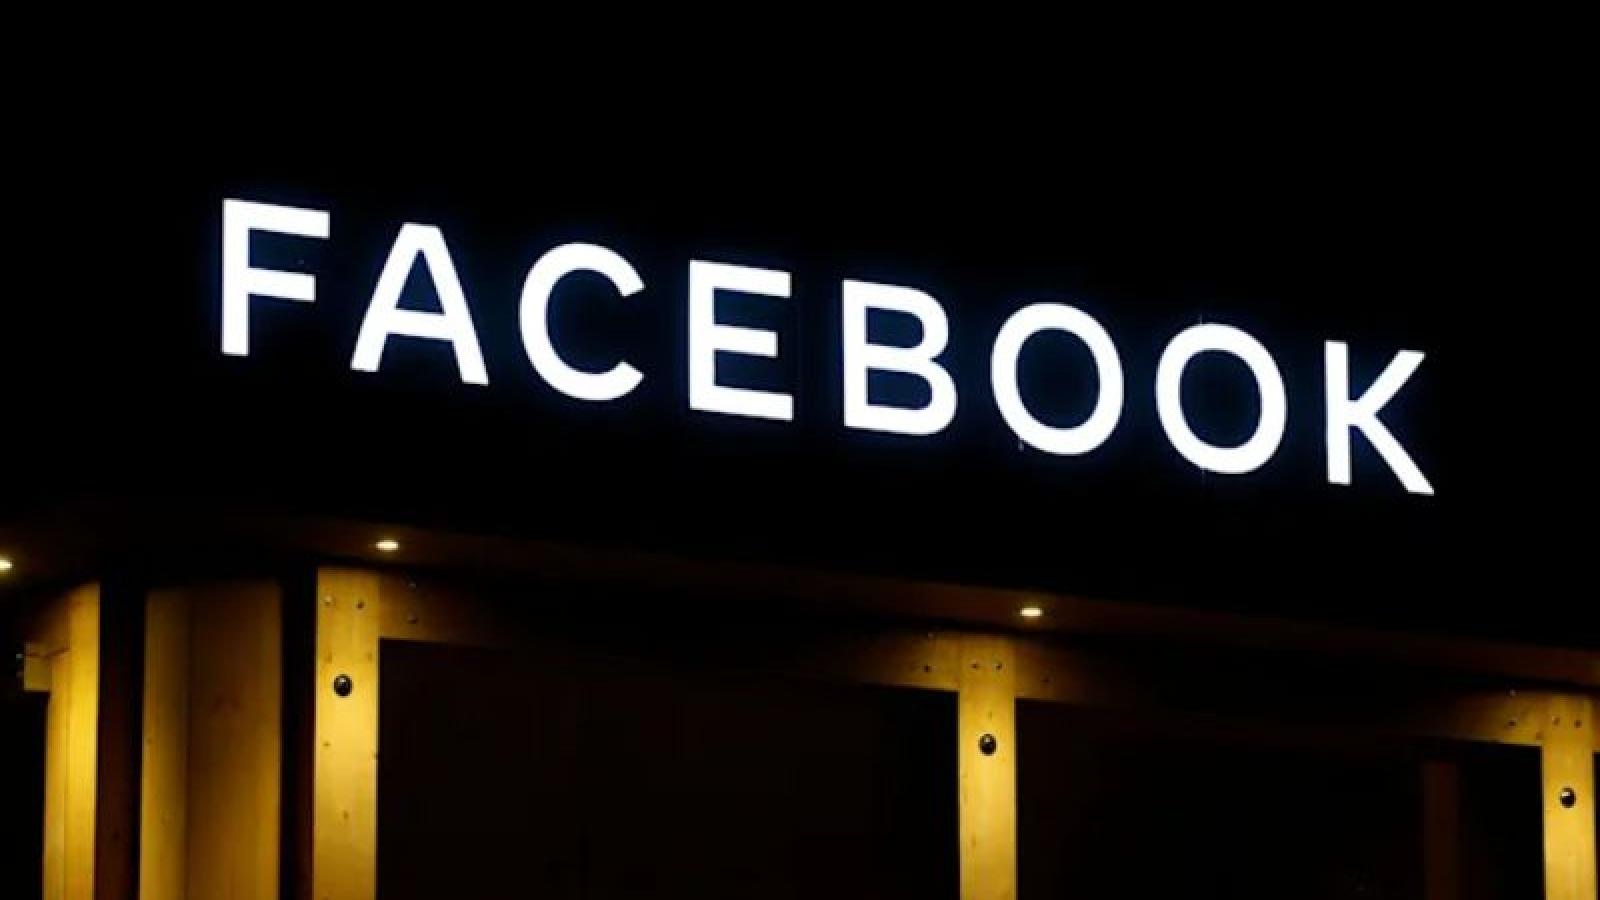 Facebook tìm cách phân tích dữ liệu được mã hóa mà không cần giải mã